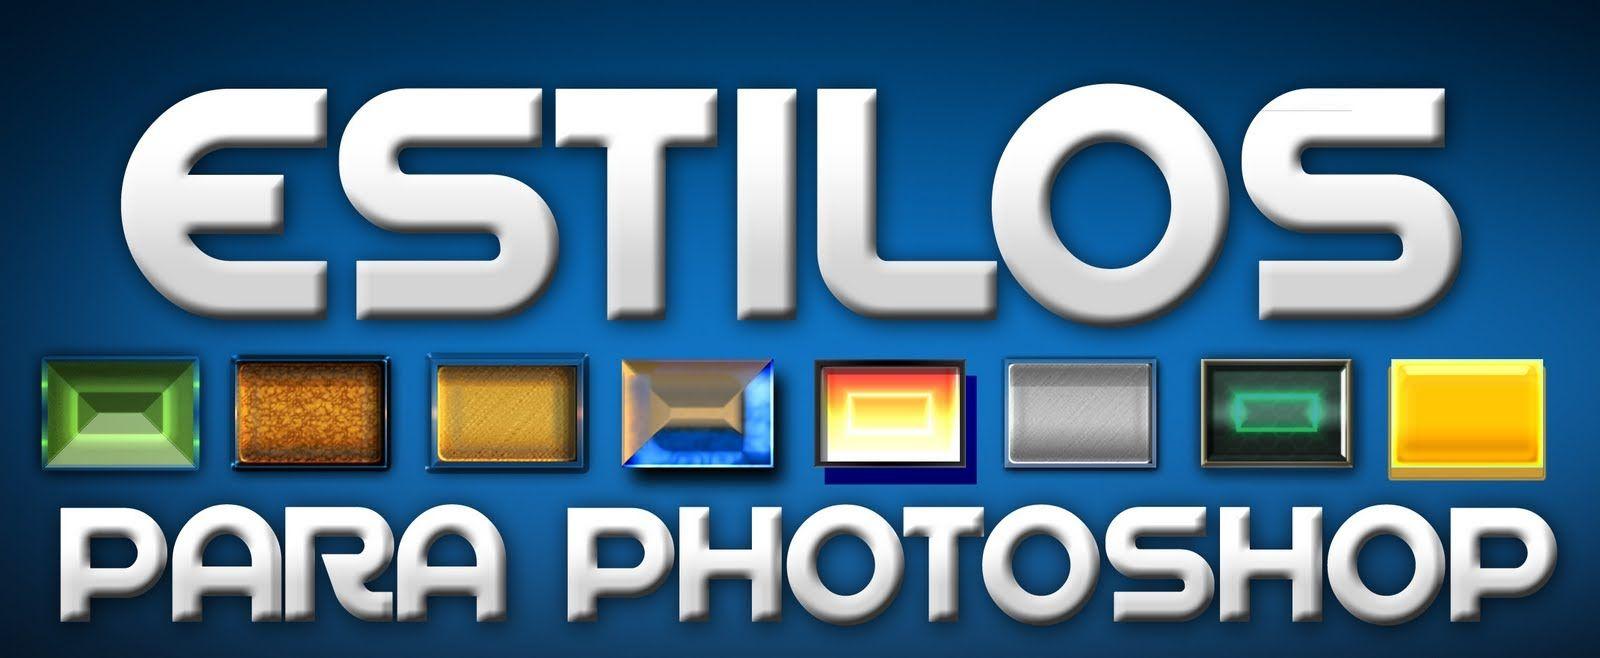 Como hacer Estilos de letras con Photoshop cs6 y CC (tutorial) | 20 ...